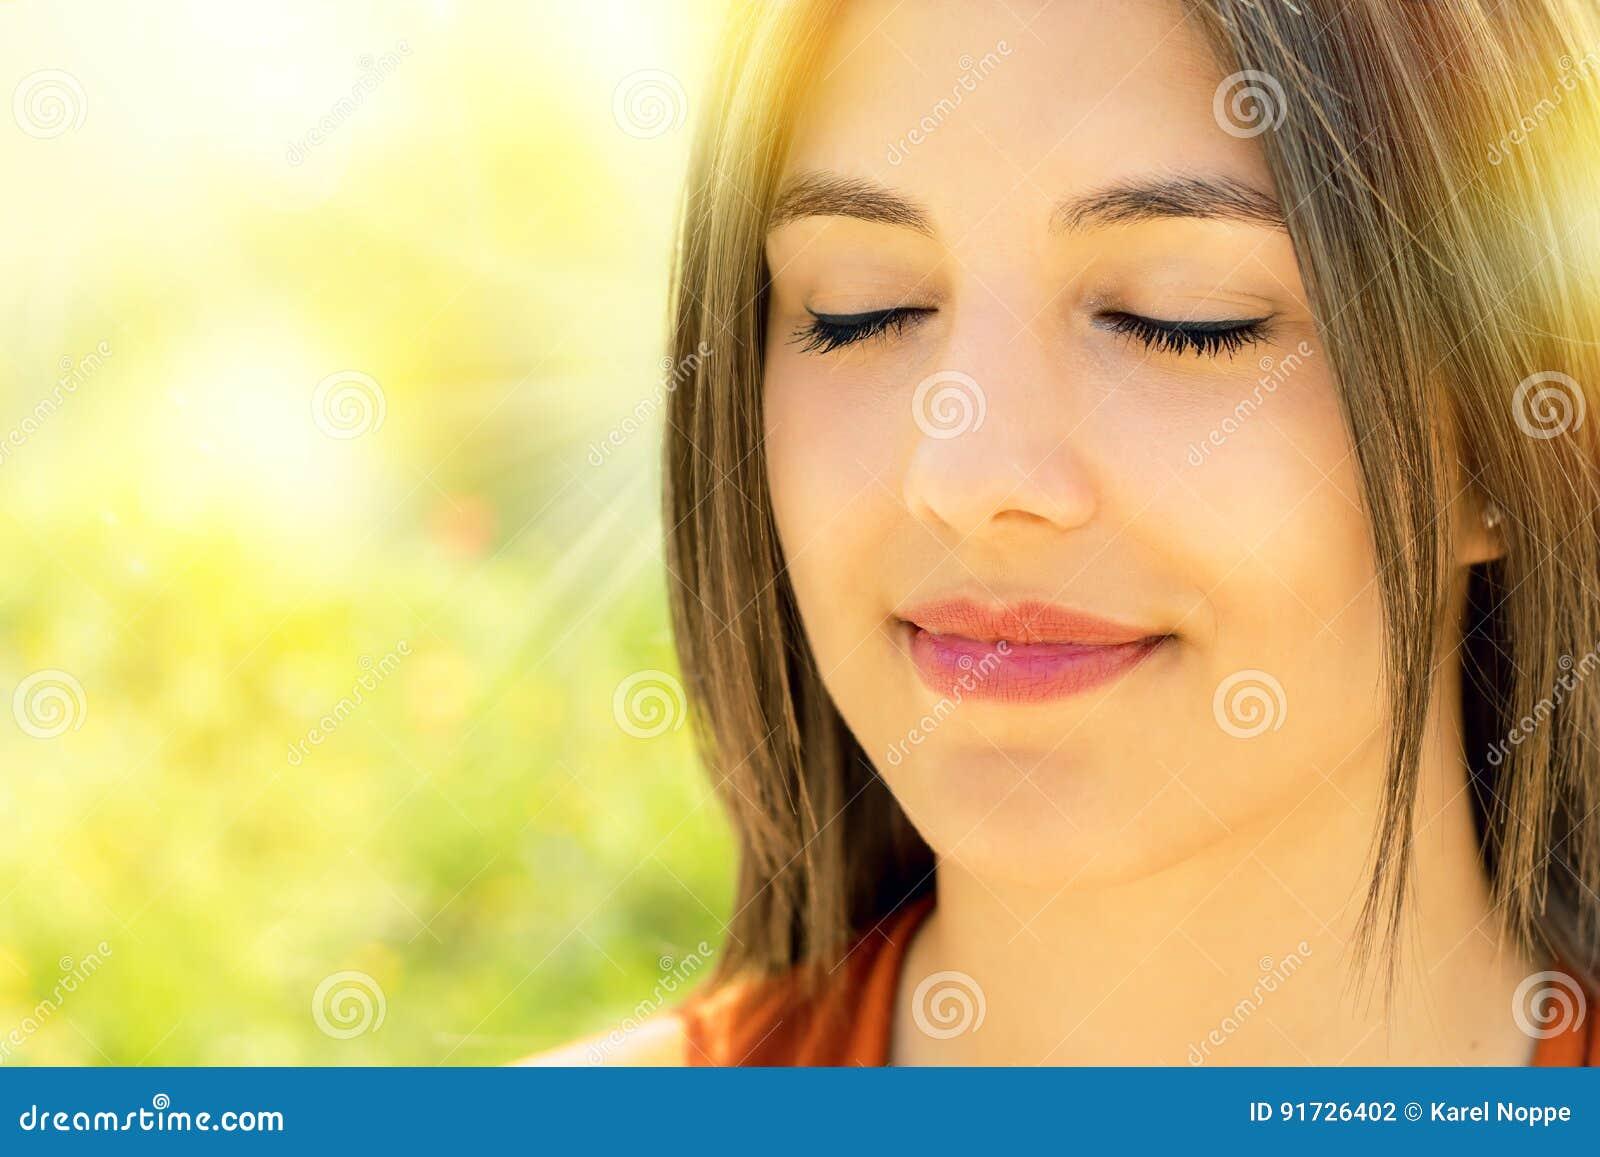 Gesicht geschossen von der entspannten Frau, die draußen meditiert